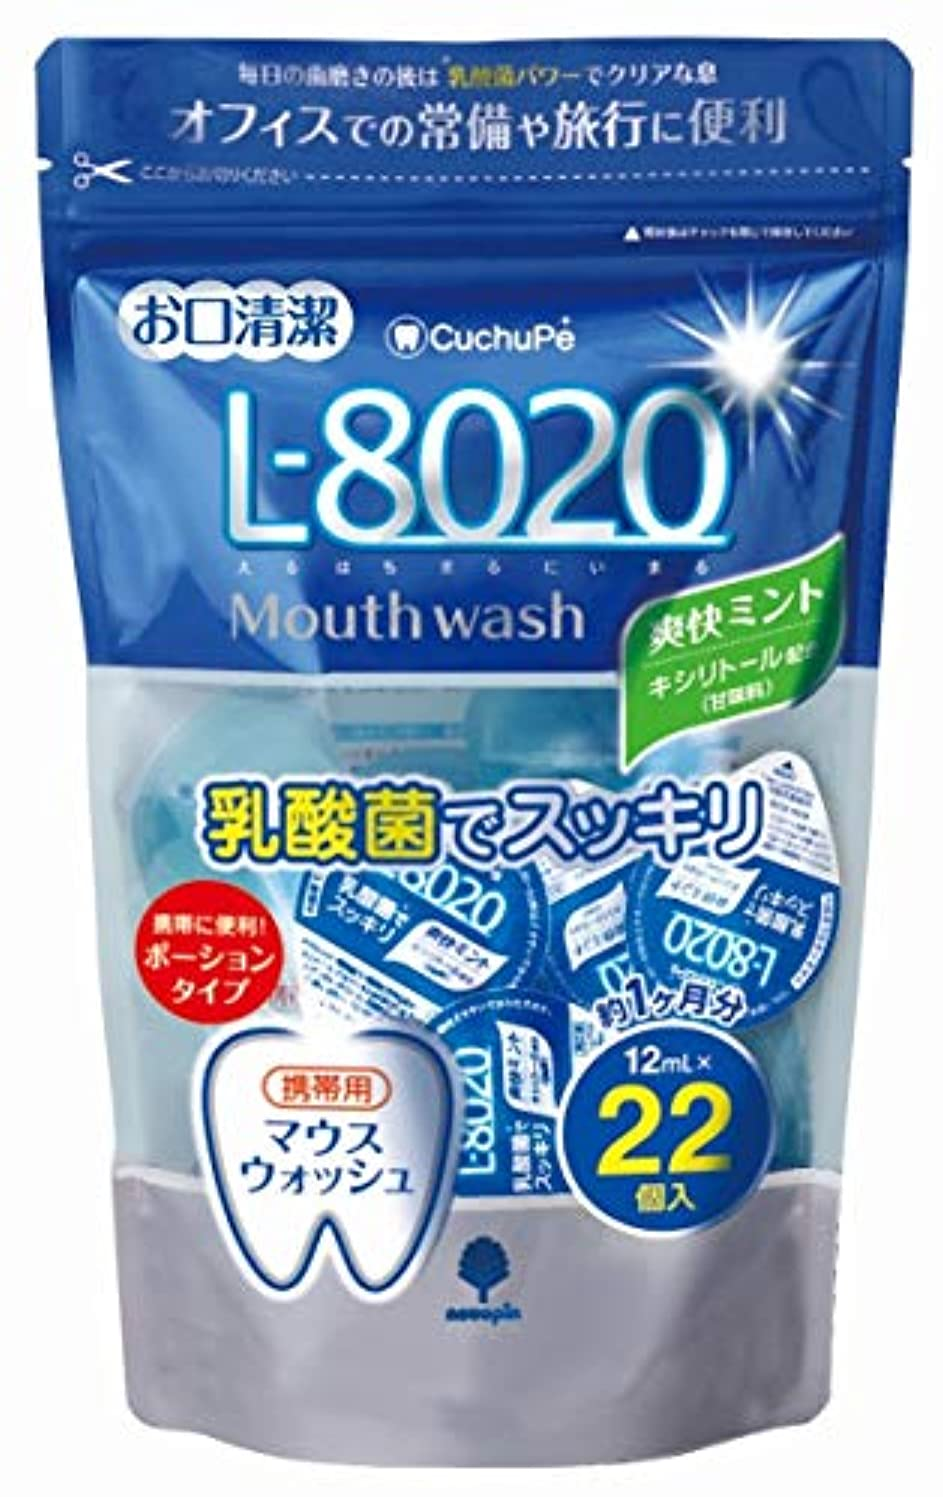 ナンセンス研究所農学日本製 made in japan クチュッペL-8020 爽快ミント ポーションタイプ22個入(アルコール) K-7095【まとめ買い6個セット】